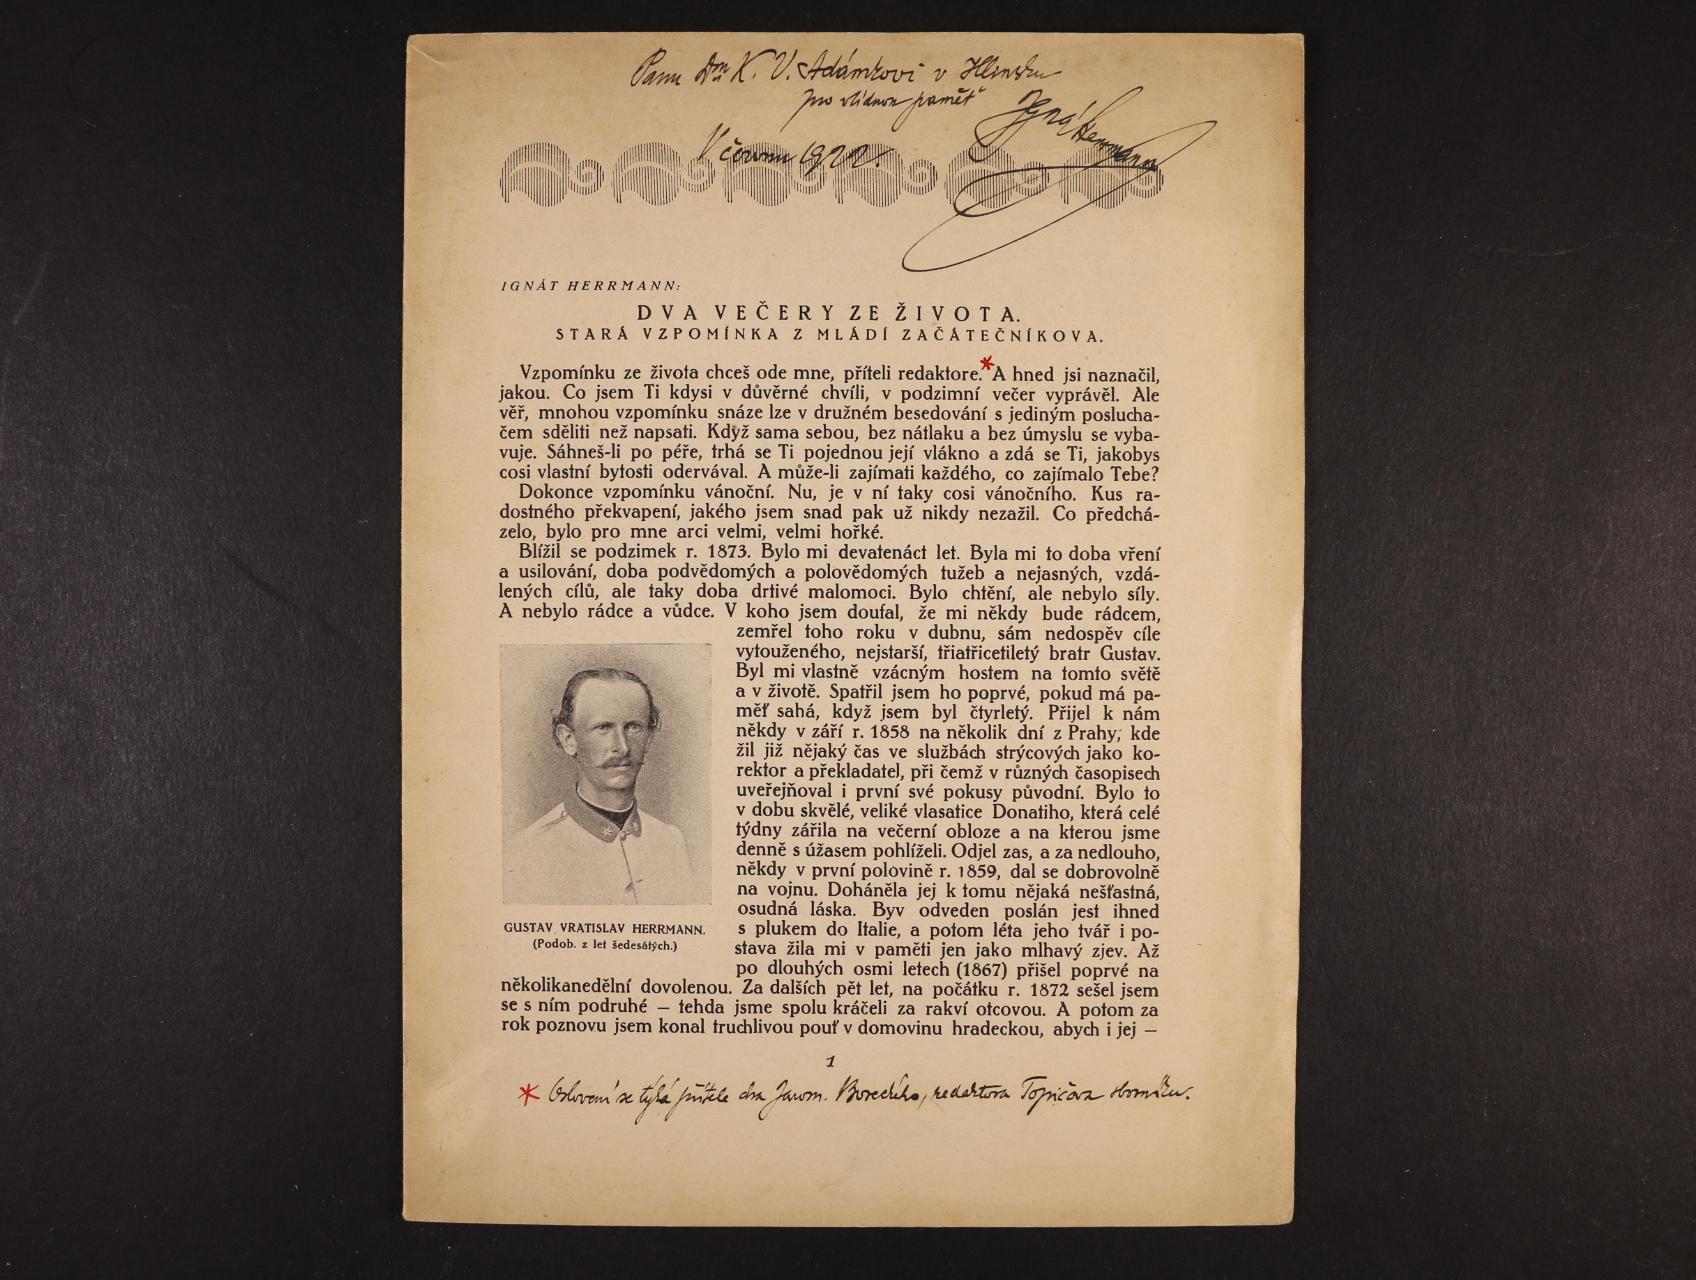 Hermann Ignát 1854 - 1935, význačný čs. spisovatel, humorista, redaktor - zvláštní otisk z Topičova Sborníku literárního a uměleckého, prosinec 1917 s poznámkami a vlastnoručním podpisem